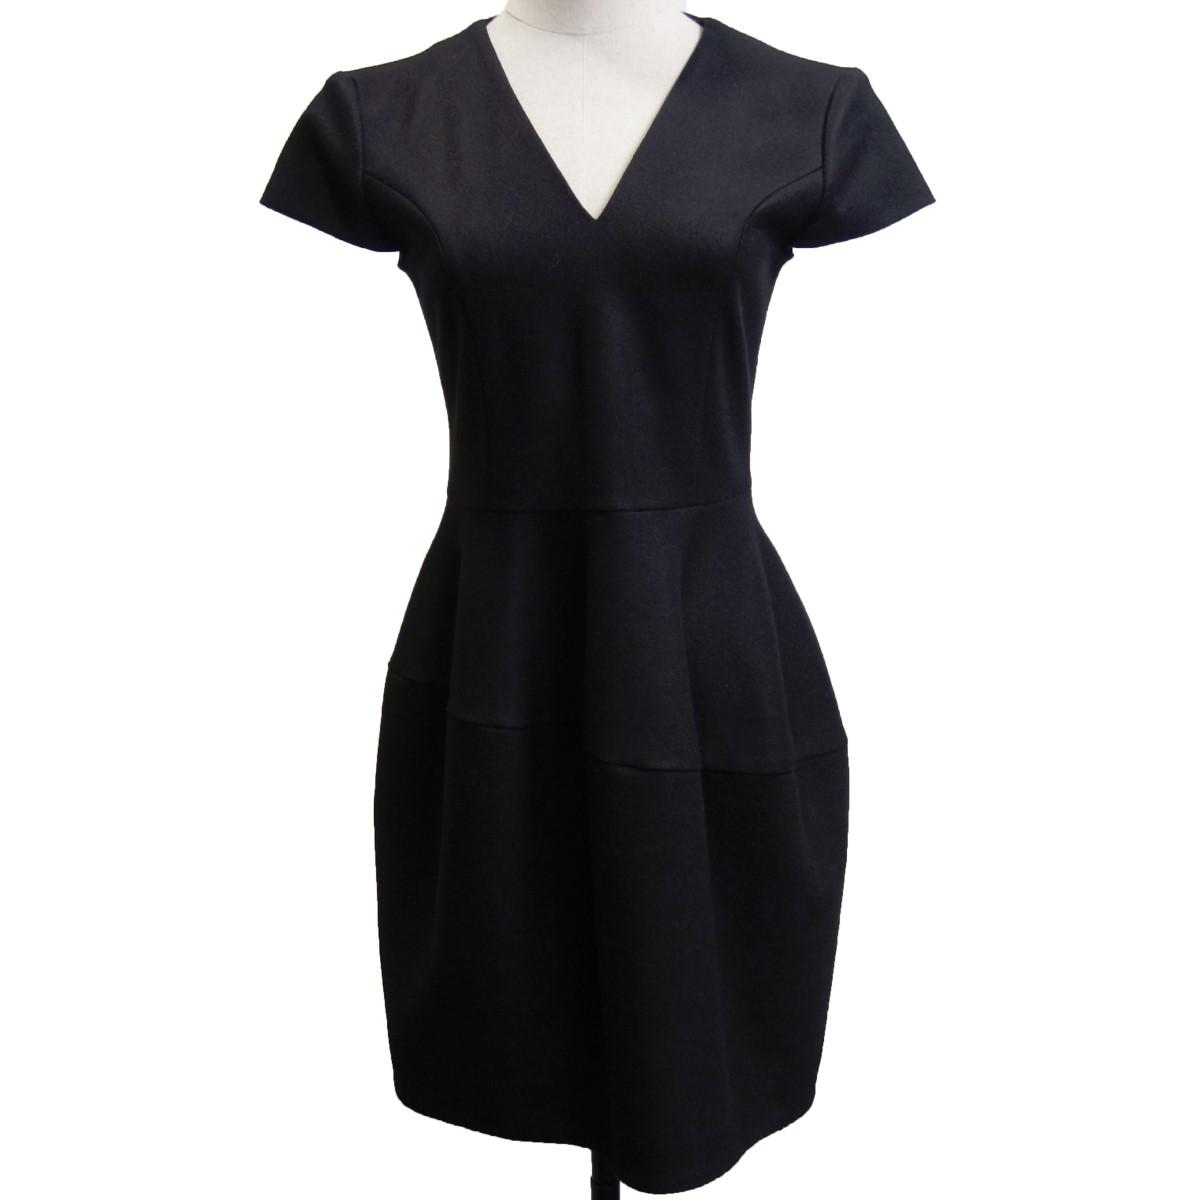 【中古】YOKO CHAN 「V-neck Balloon Dress」 Vネックバルーンドレスワンピース ブラック サイズ:36 【210420】(ヨーコチャン)